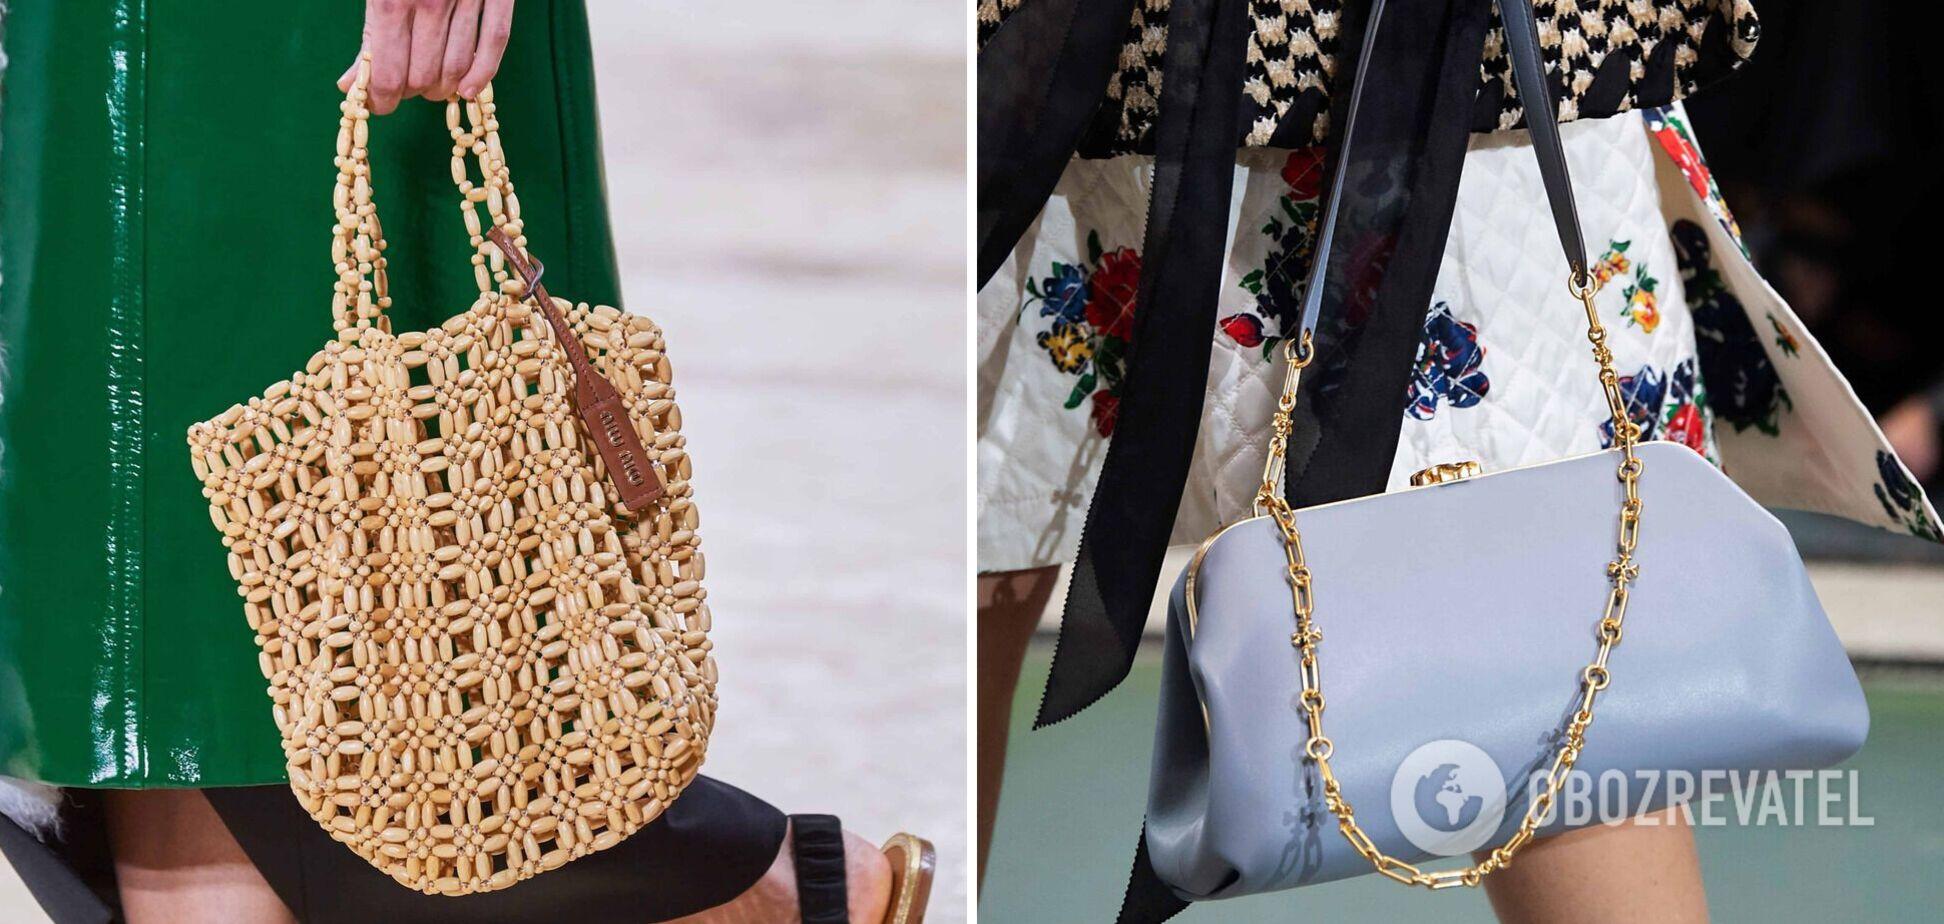 Названы стильные модели сумок в 2021 году